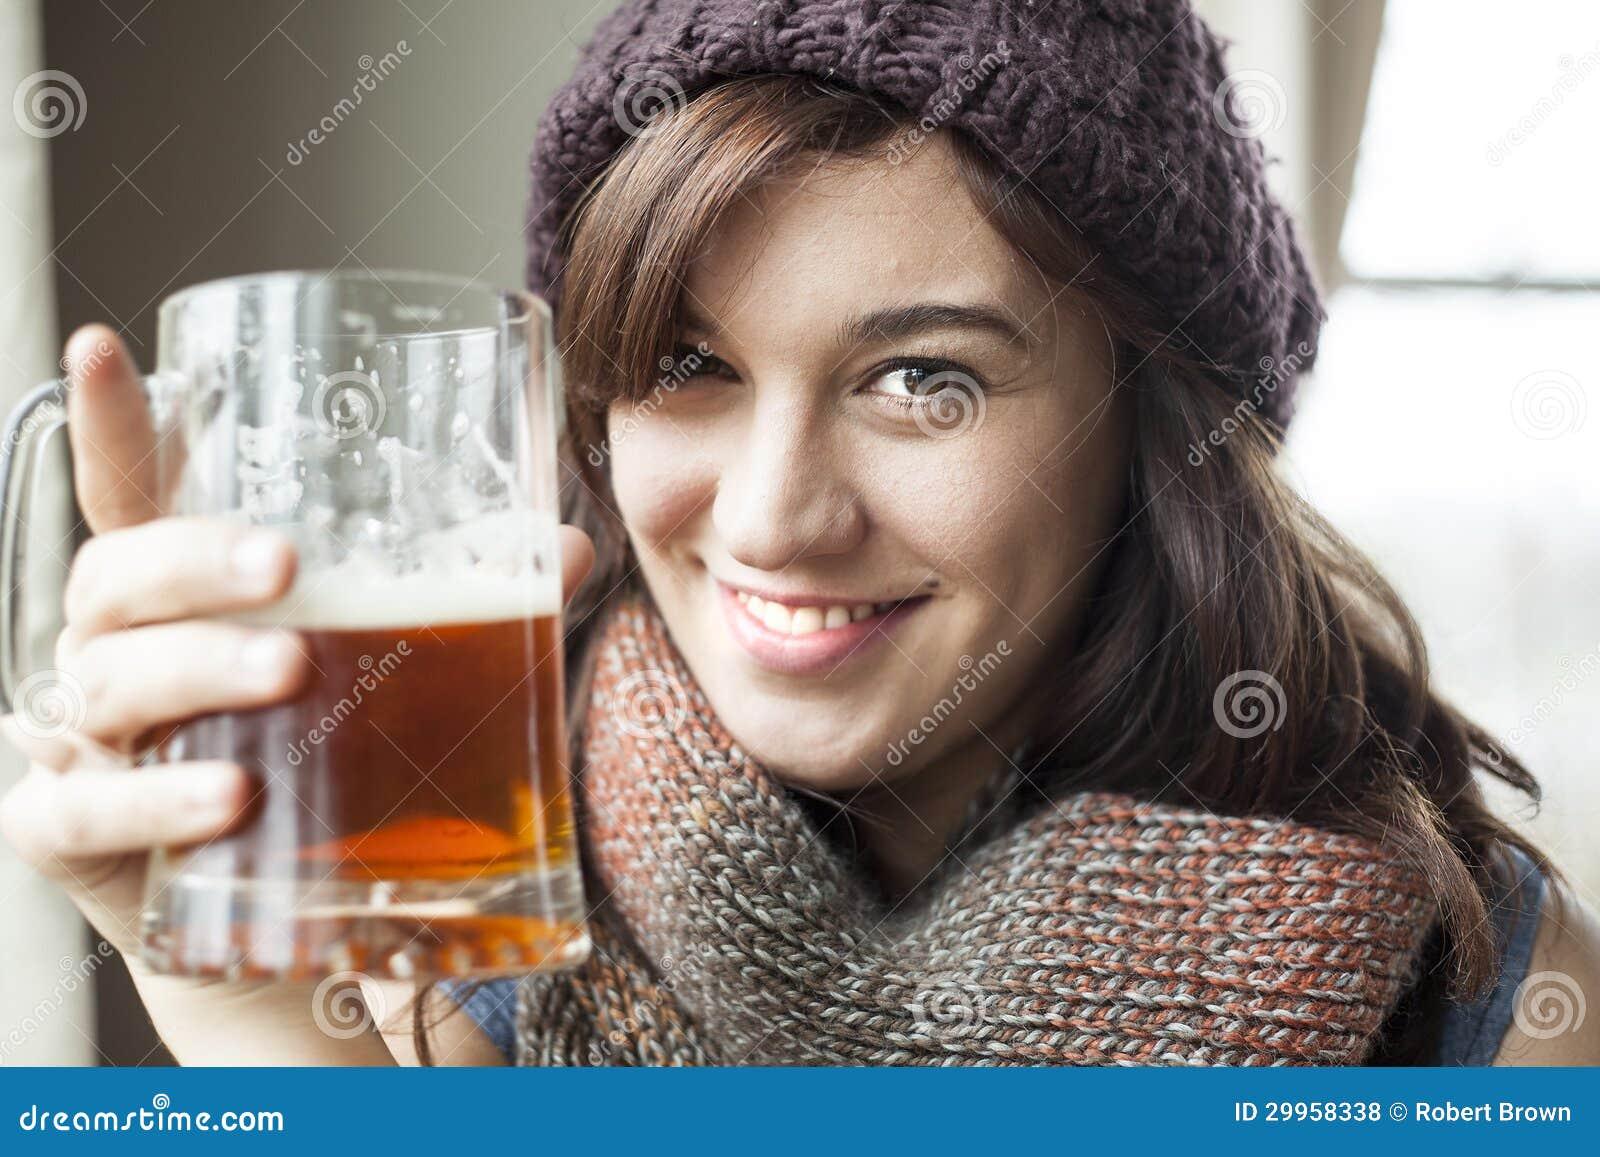 Schöne junge Frau in gestricktem Schal-und Hut-Getränk-Bier